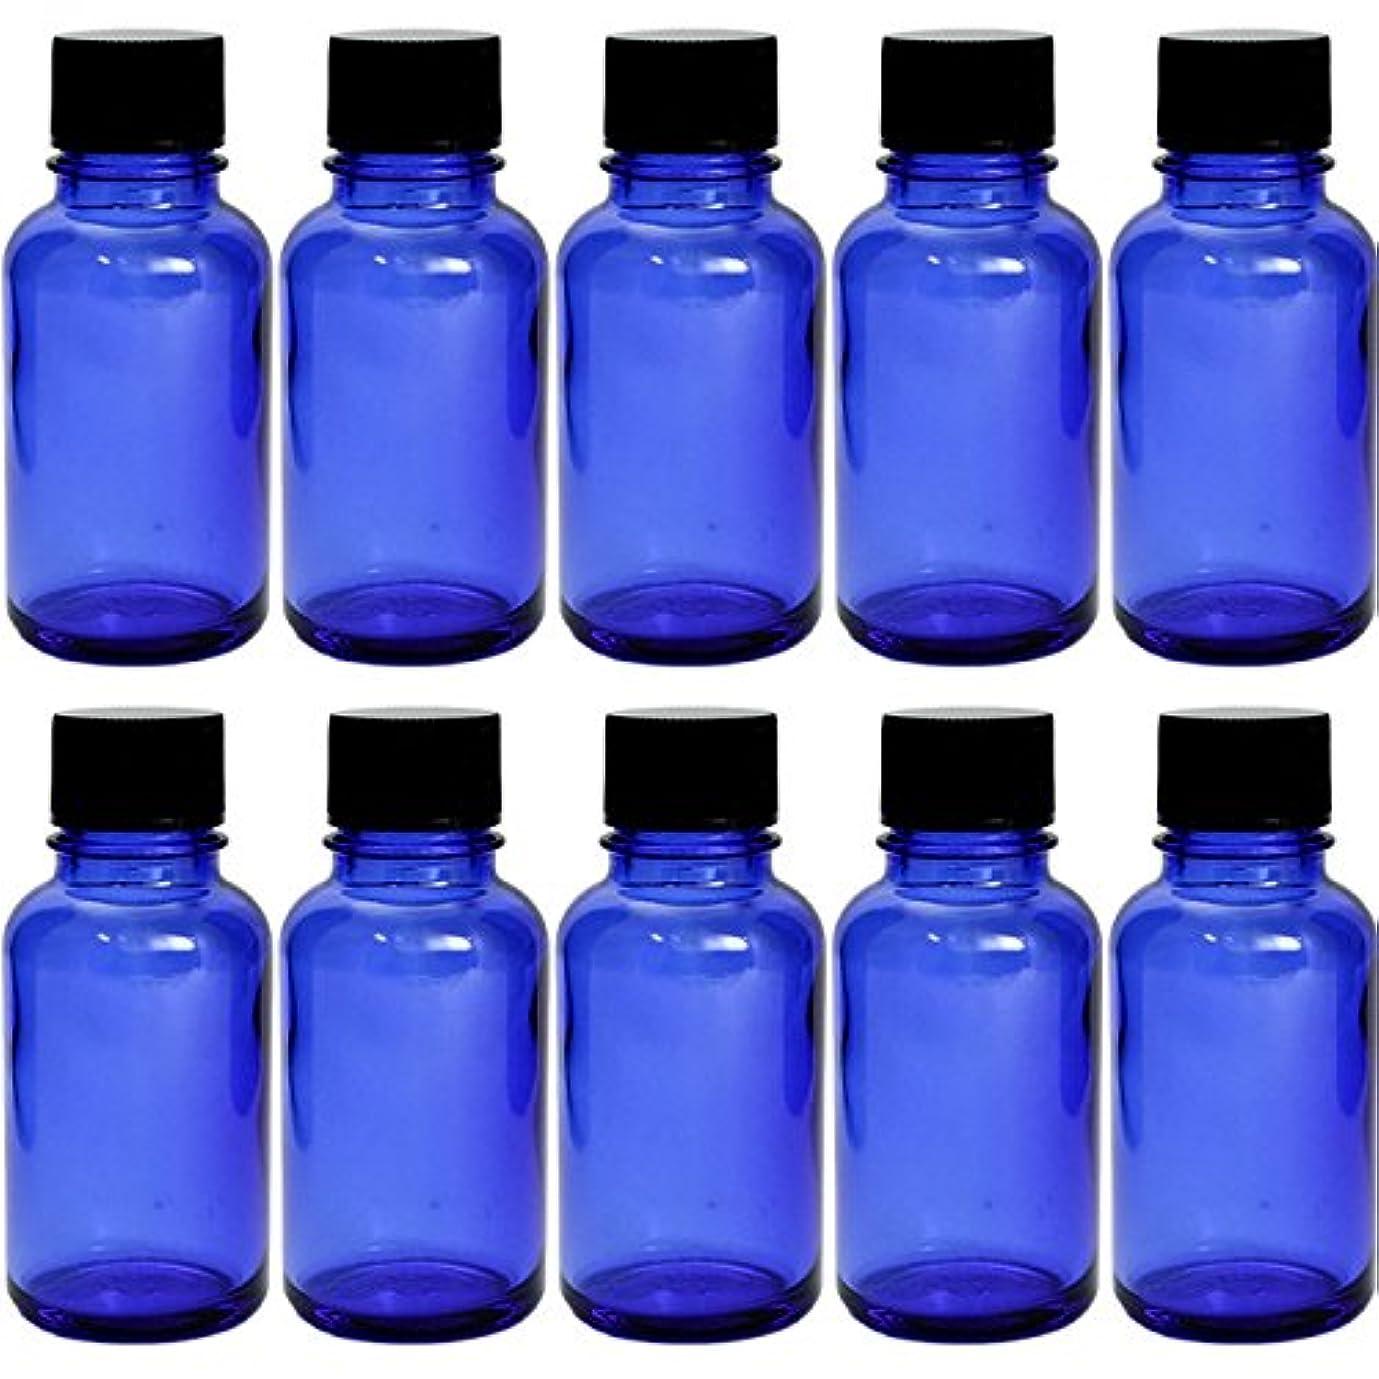 ノイズブッシュ通り遮光瓶 ブルー 30cc SYA-B30cc -10本セット- (黒CAP ドロップ栓付)